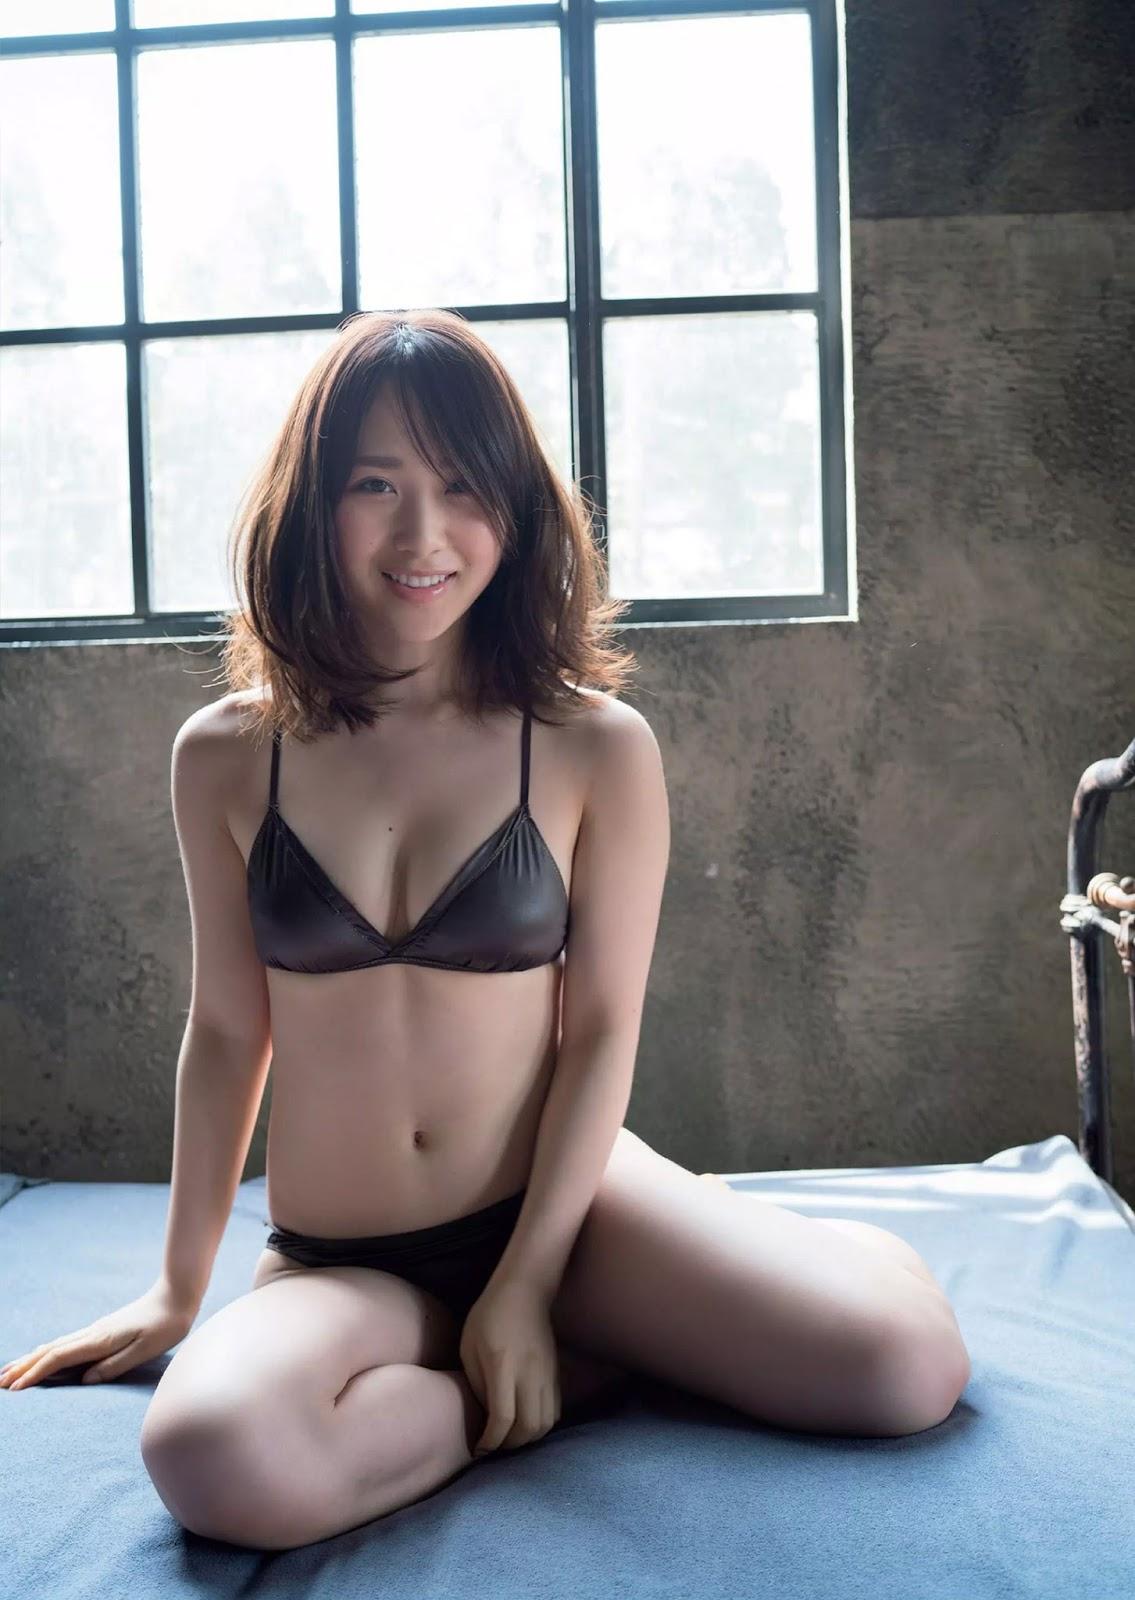 Takahashi Juri 高橋朱里, Weekly Playboy 2018 No.21 (週刊プレイボーイ 2018年21号)